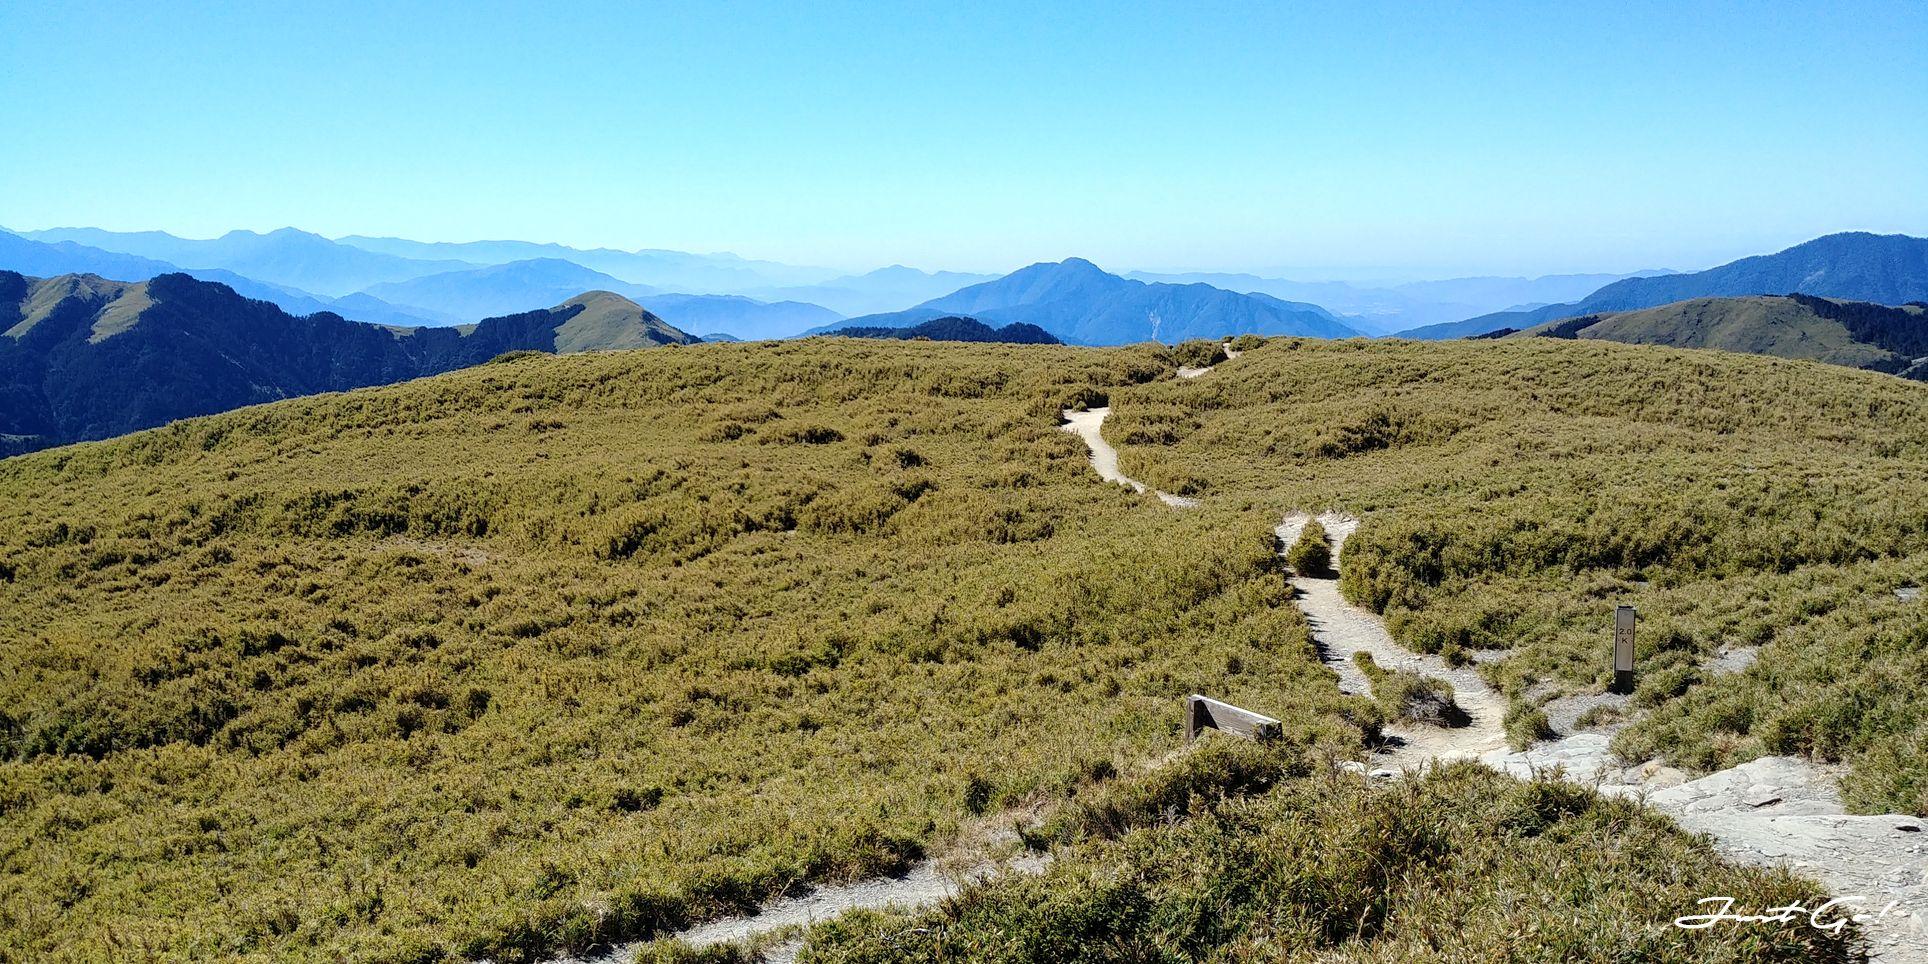 一日百岳·9小時單攻合歡西峰北峰-地圖gpx、行程規劃、申請、登山口33